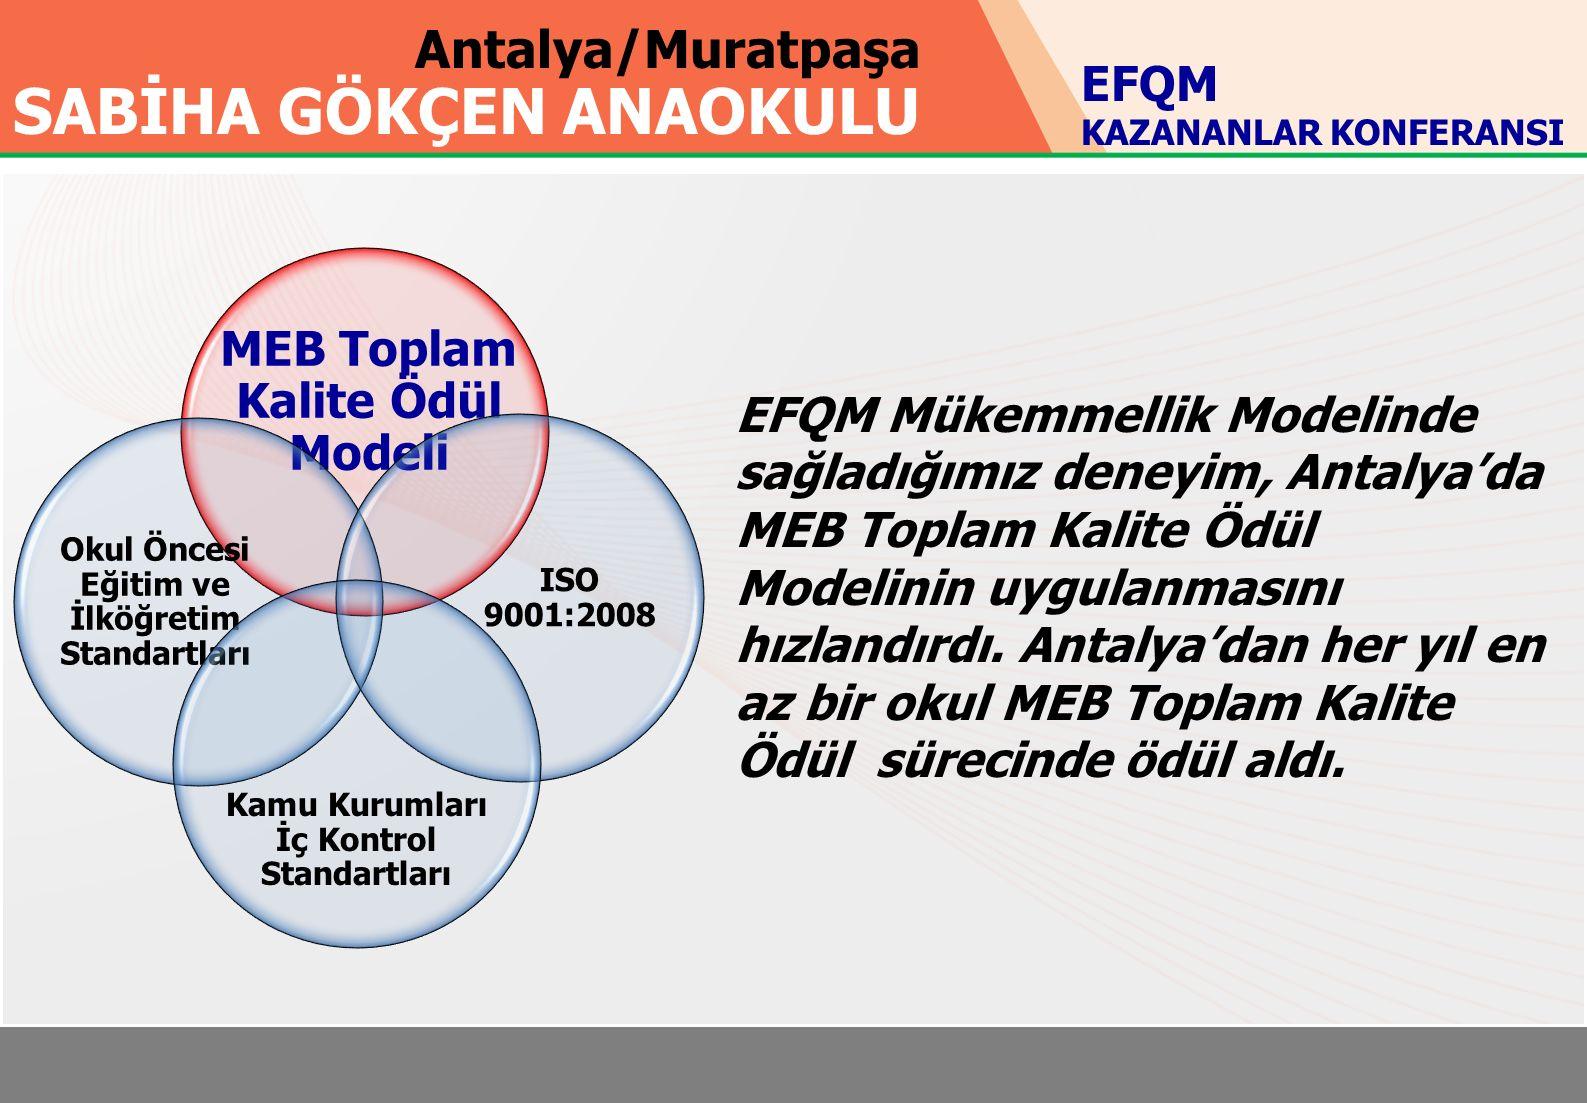 Antalya/Muratpaşa SABİHA GÖKÇEN ANAOKULU EFQM Mükemmellik Modelinde sağladığımız deneyim, Antalya'da MEB Toplam Kalite Ödül Modelinin uygulanmasını hızlandırdı.